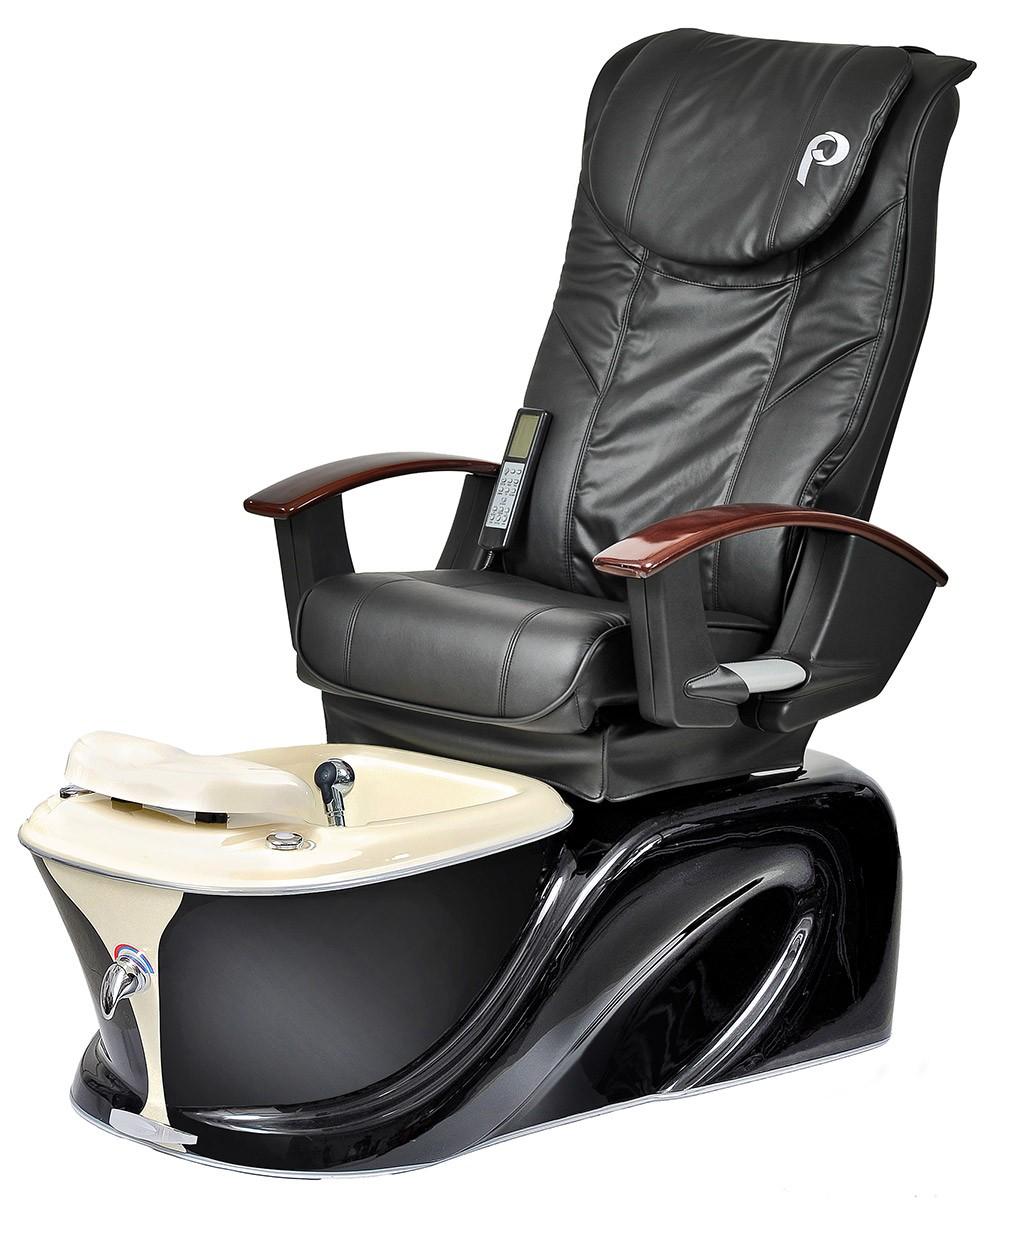 Pibbs PS60 Siena Pipeless Pedicure Package Pibbs PS60 Siena Pipeless Pedicure Spa With Shiatsu Massage